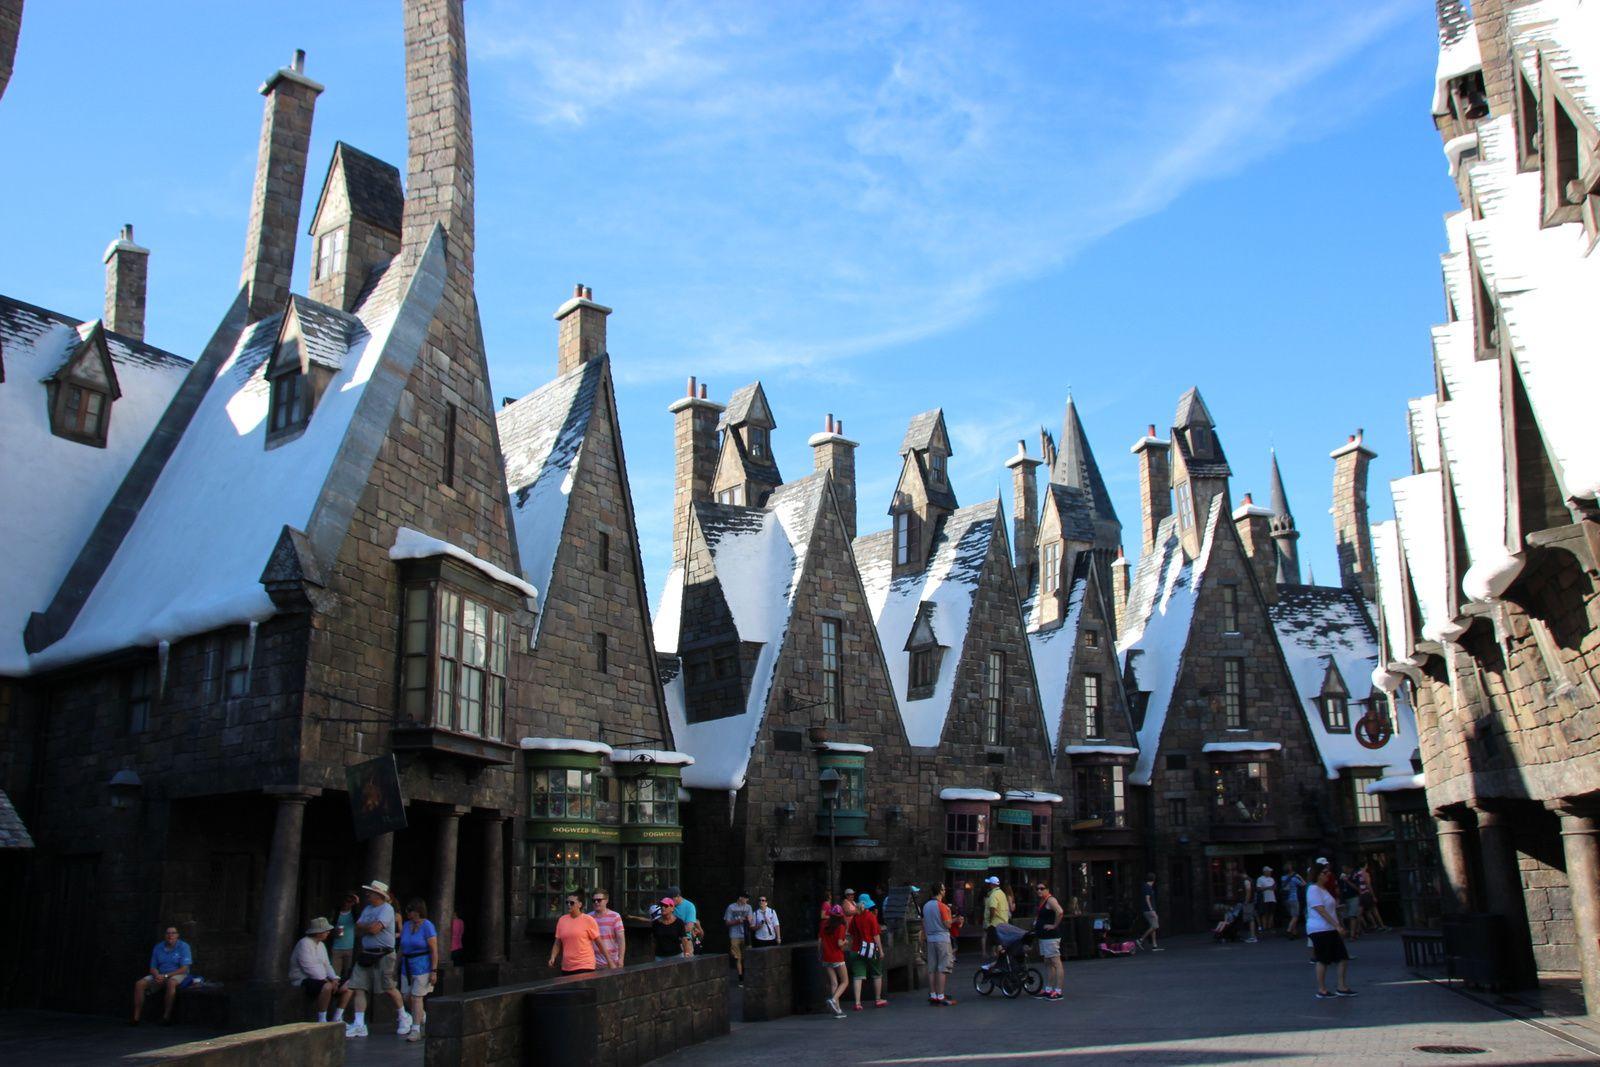 Pré-au-Lard : The Wizarding World of Harry Potter